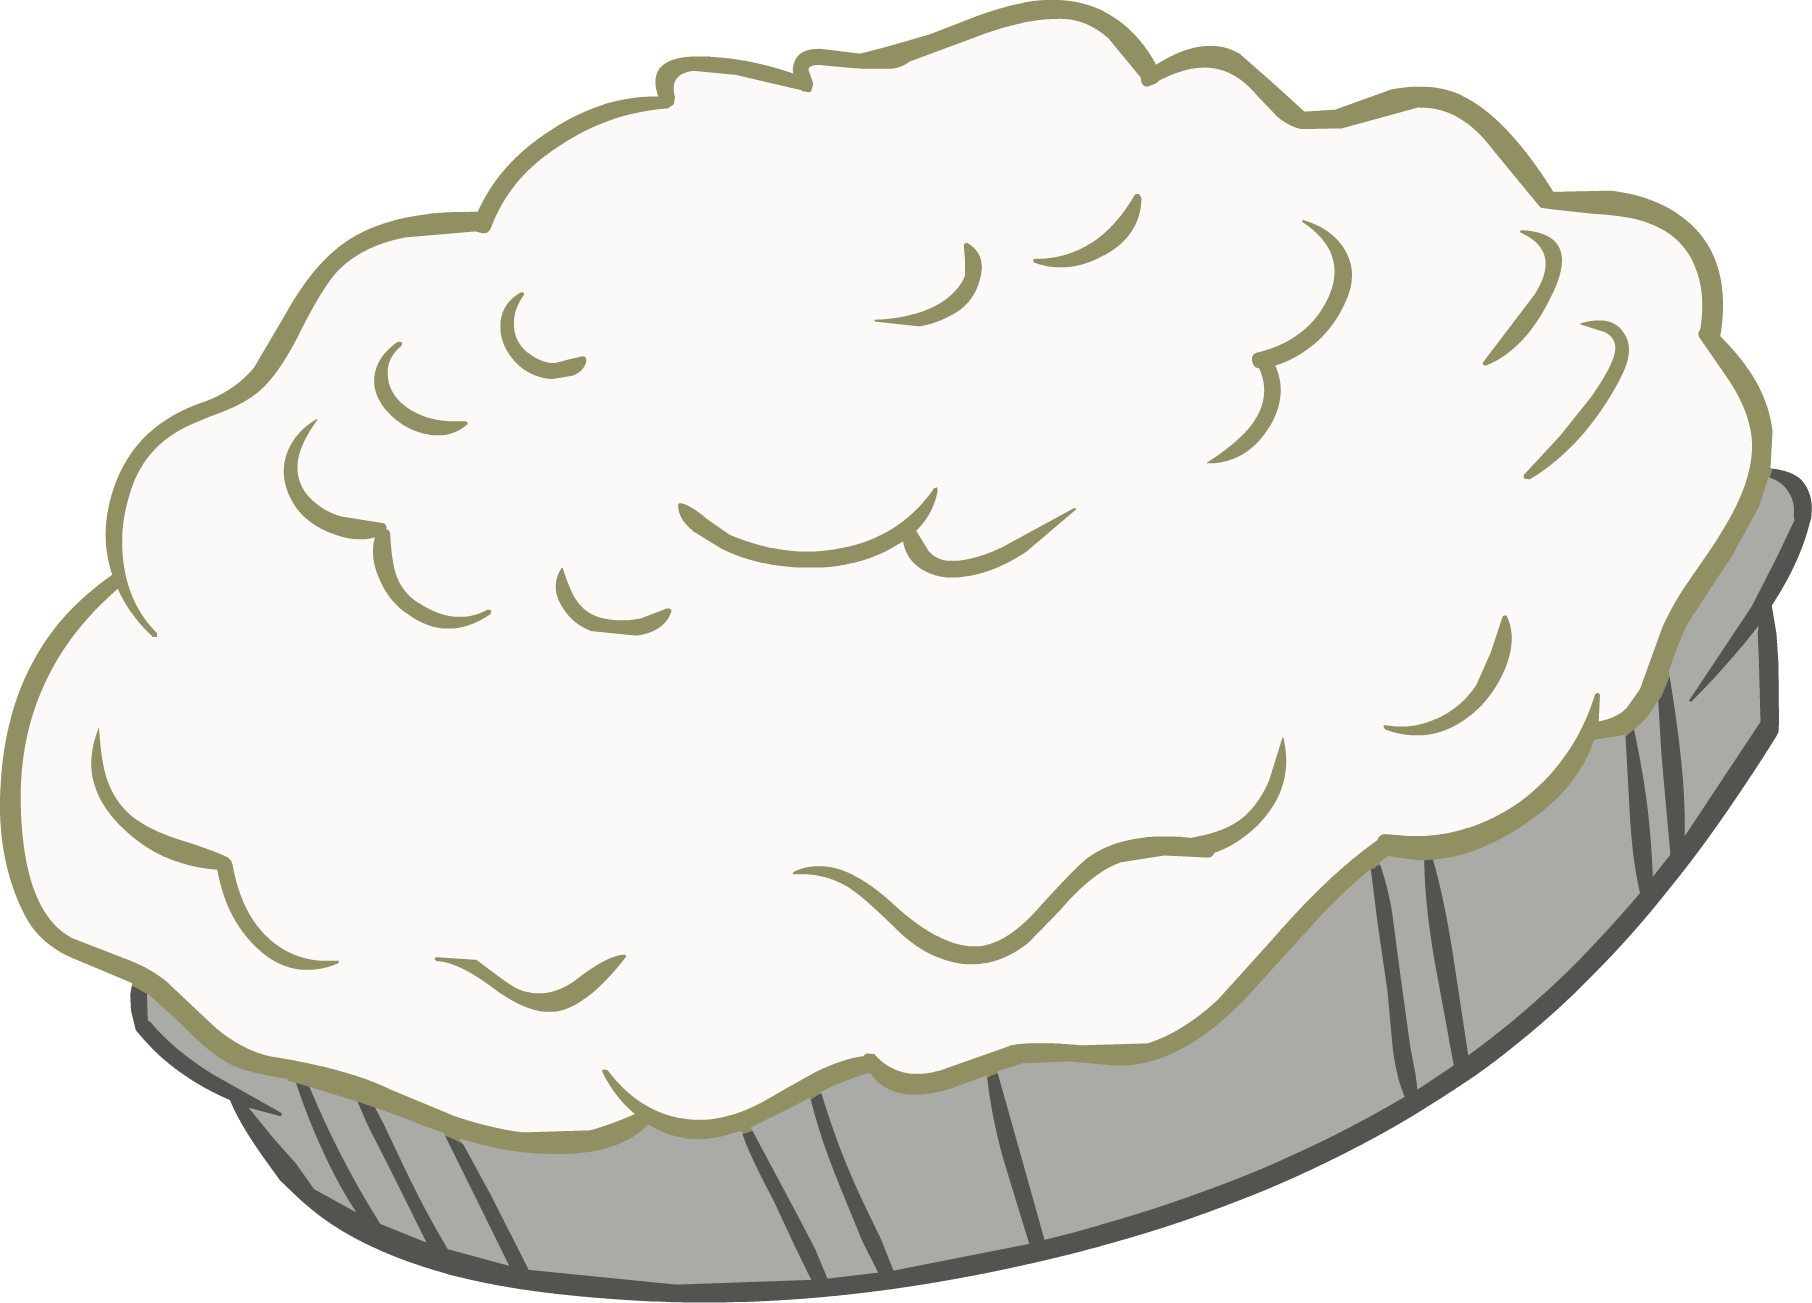 Pie clipart whip cream pie Powered Club Penguin Wiki Pie